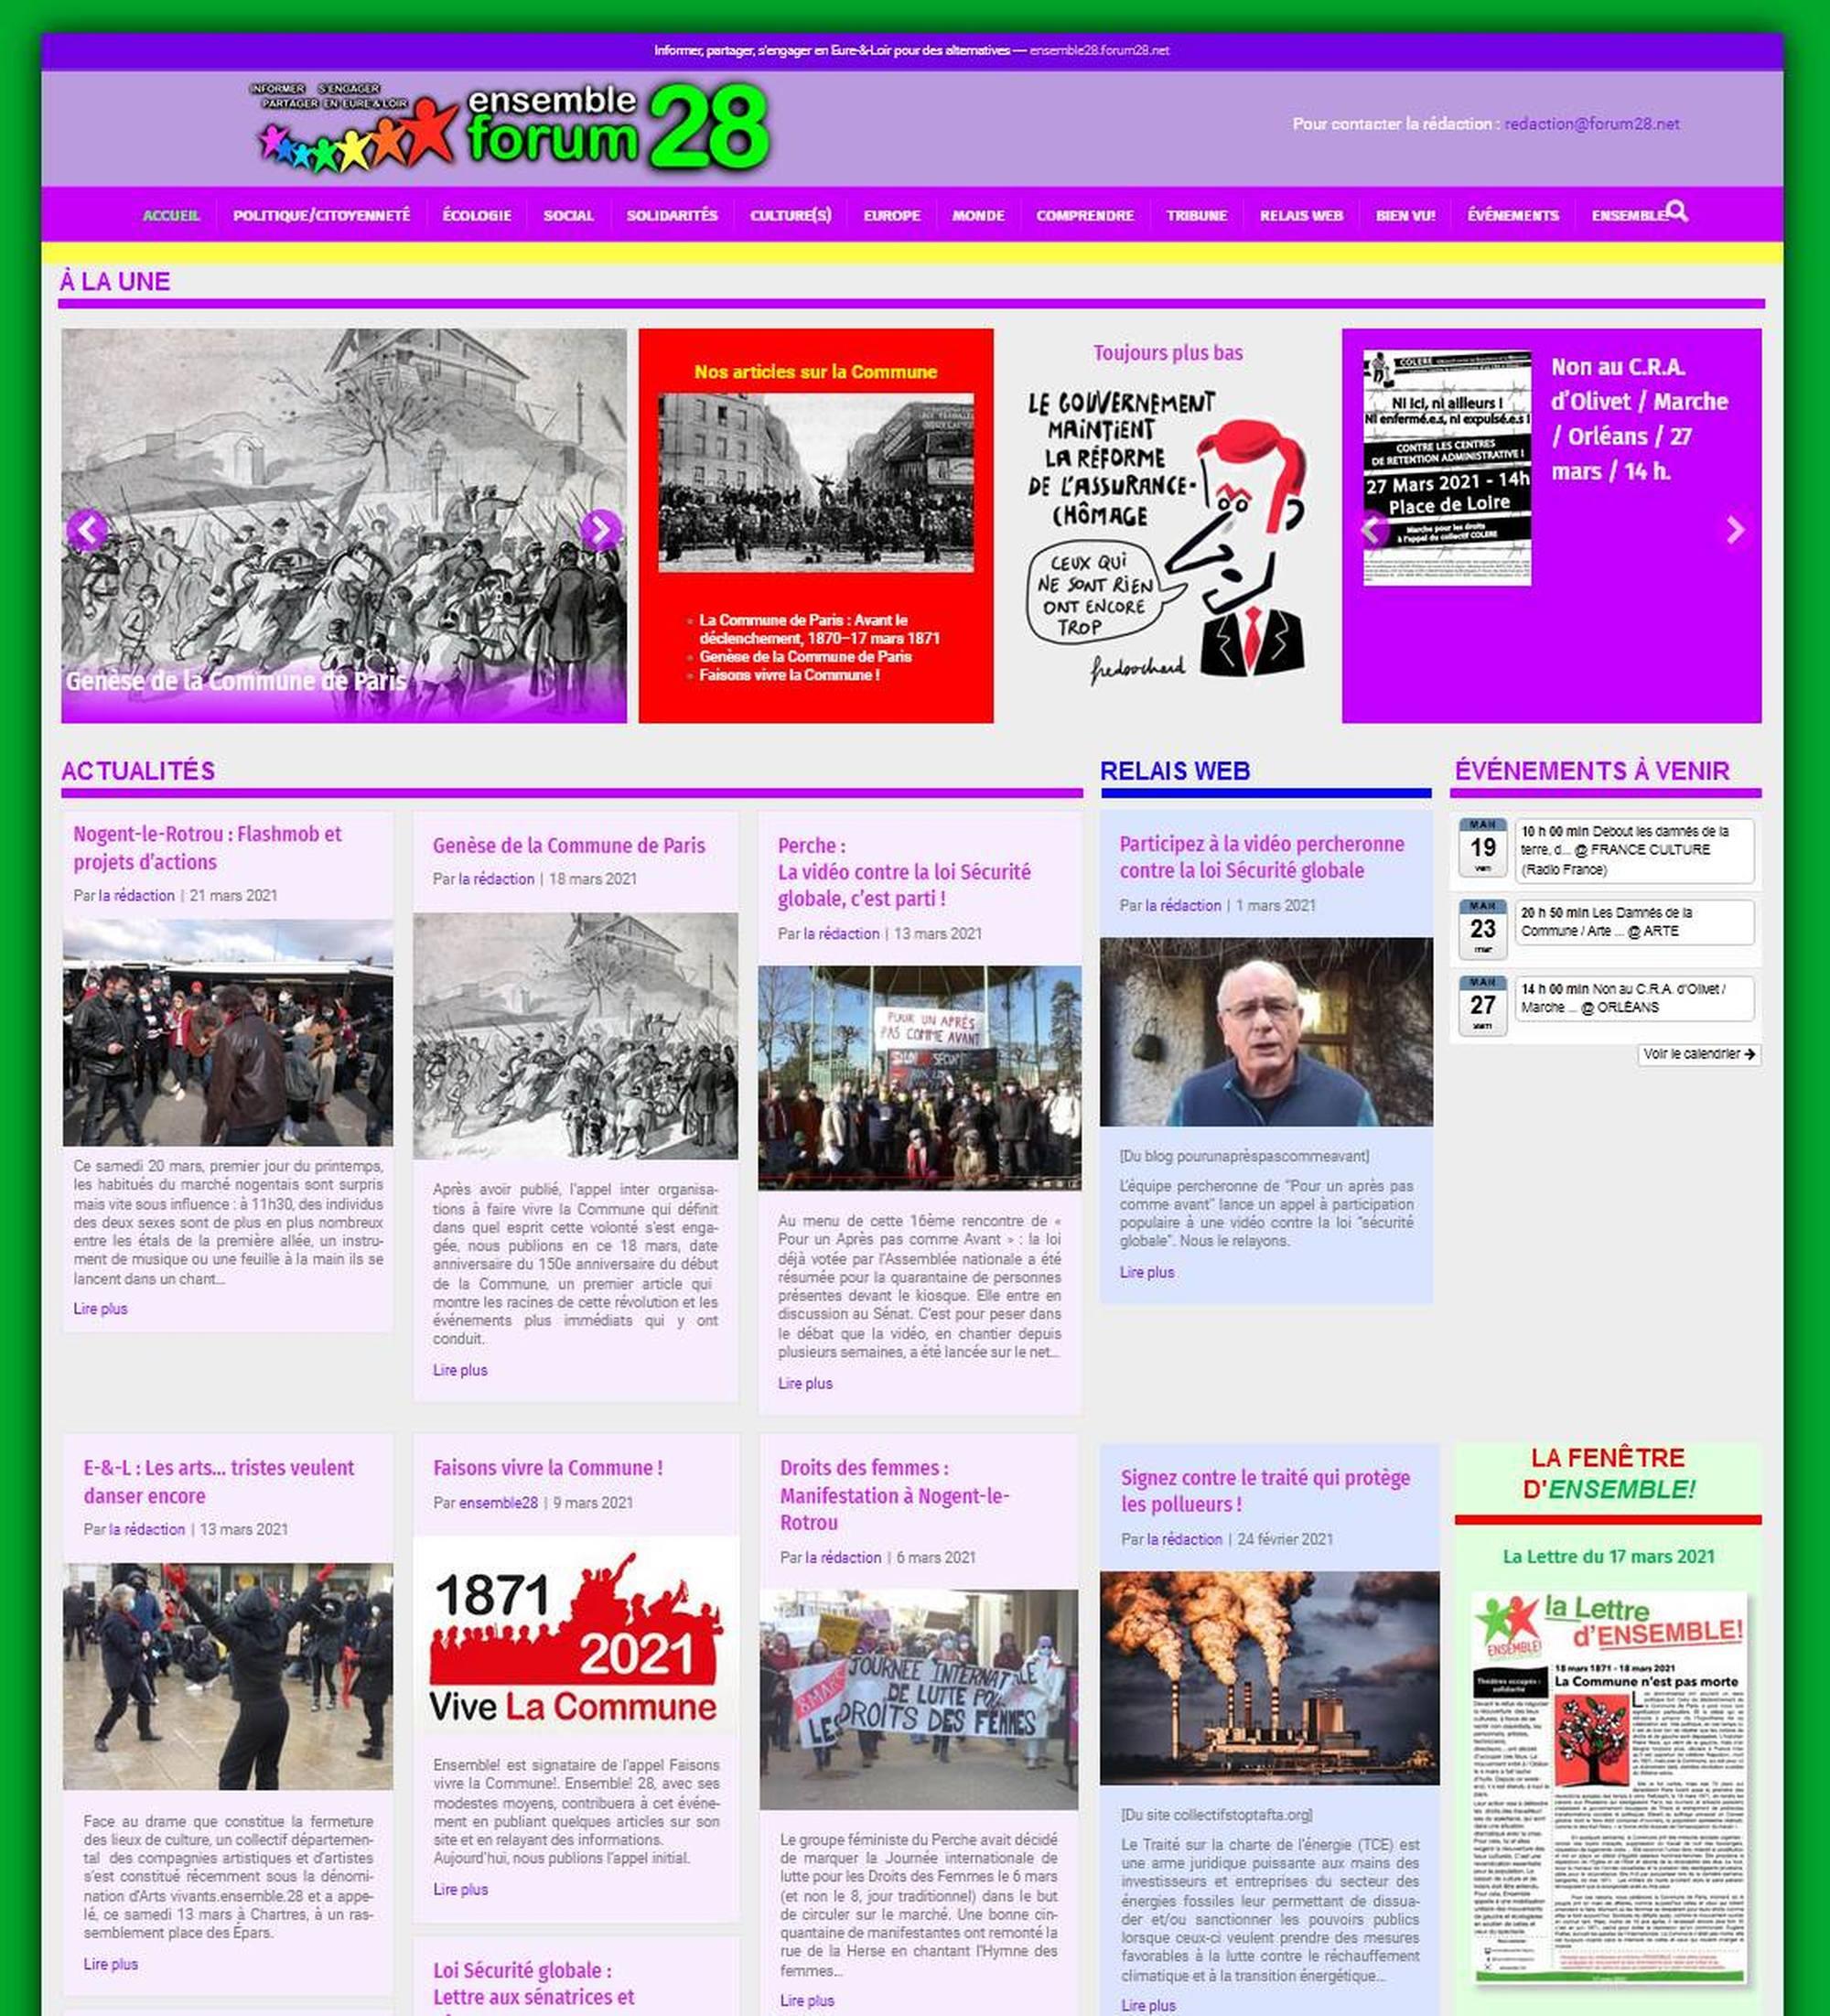 ensemble28.forum28.net: un site sur les mouvements sociaux en Eure-&-Loire.